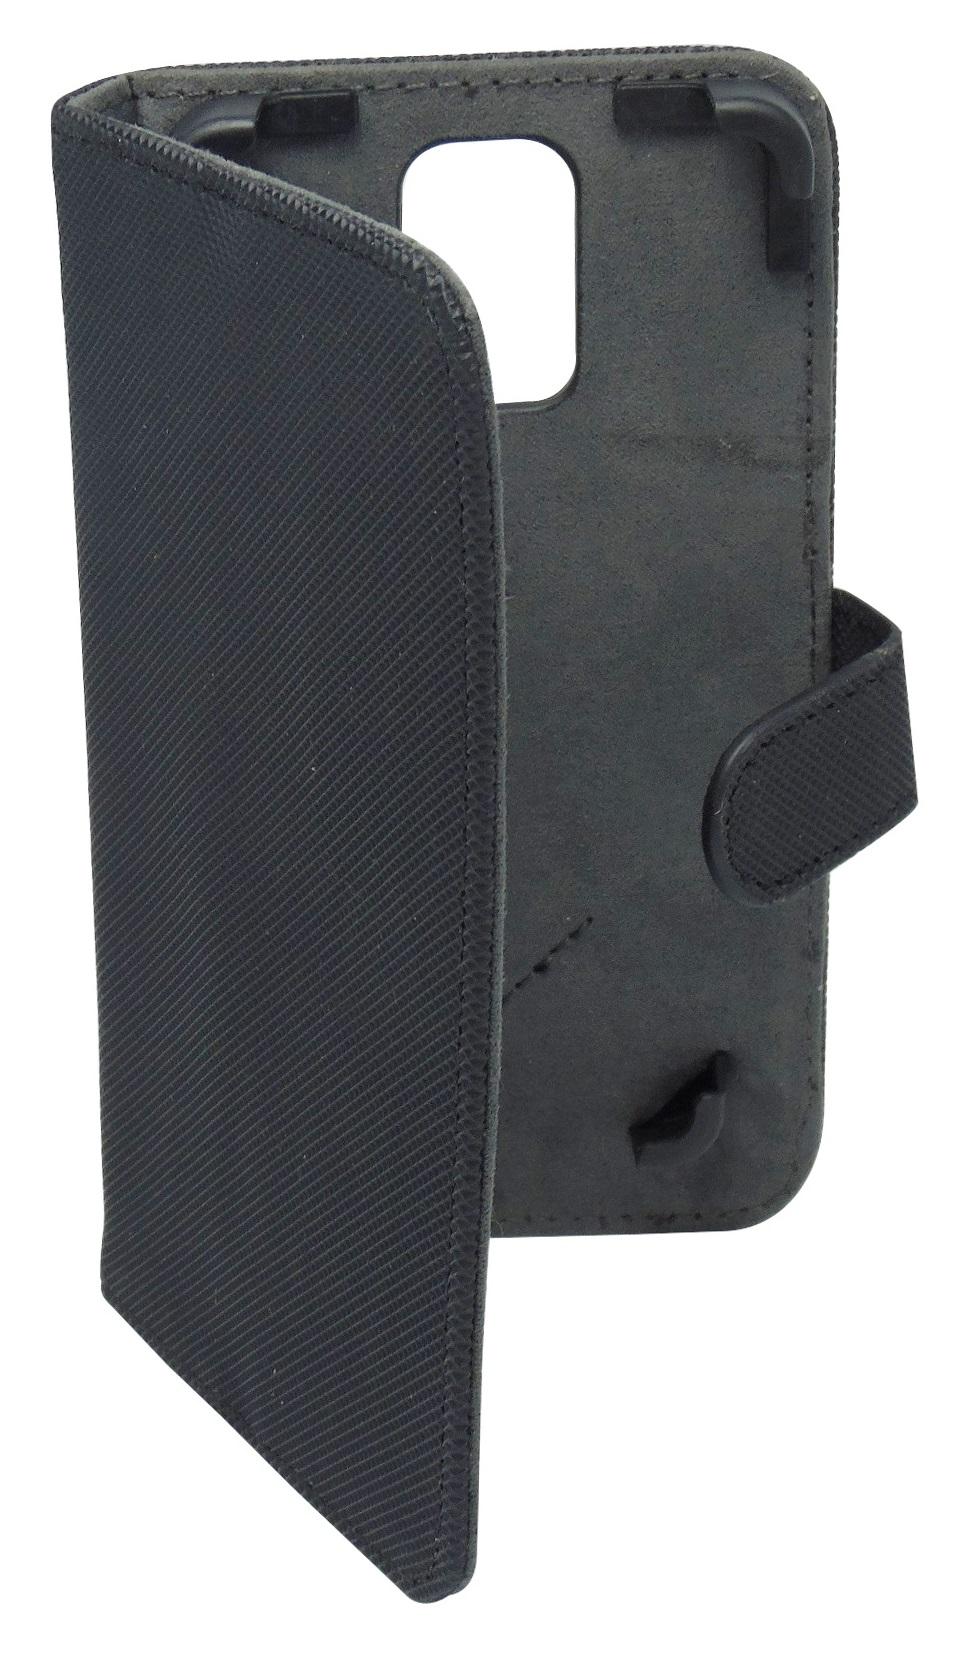 Husa universala GreenGo Smart neagra (reglabila) cu stand pentru telefoane cu diagonala de 4,5 - 5 inch